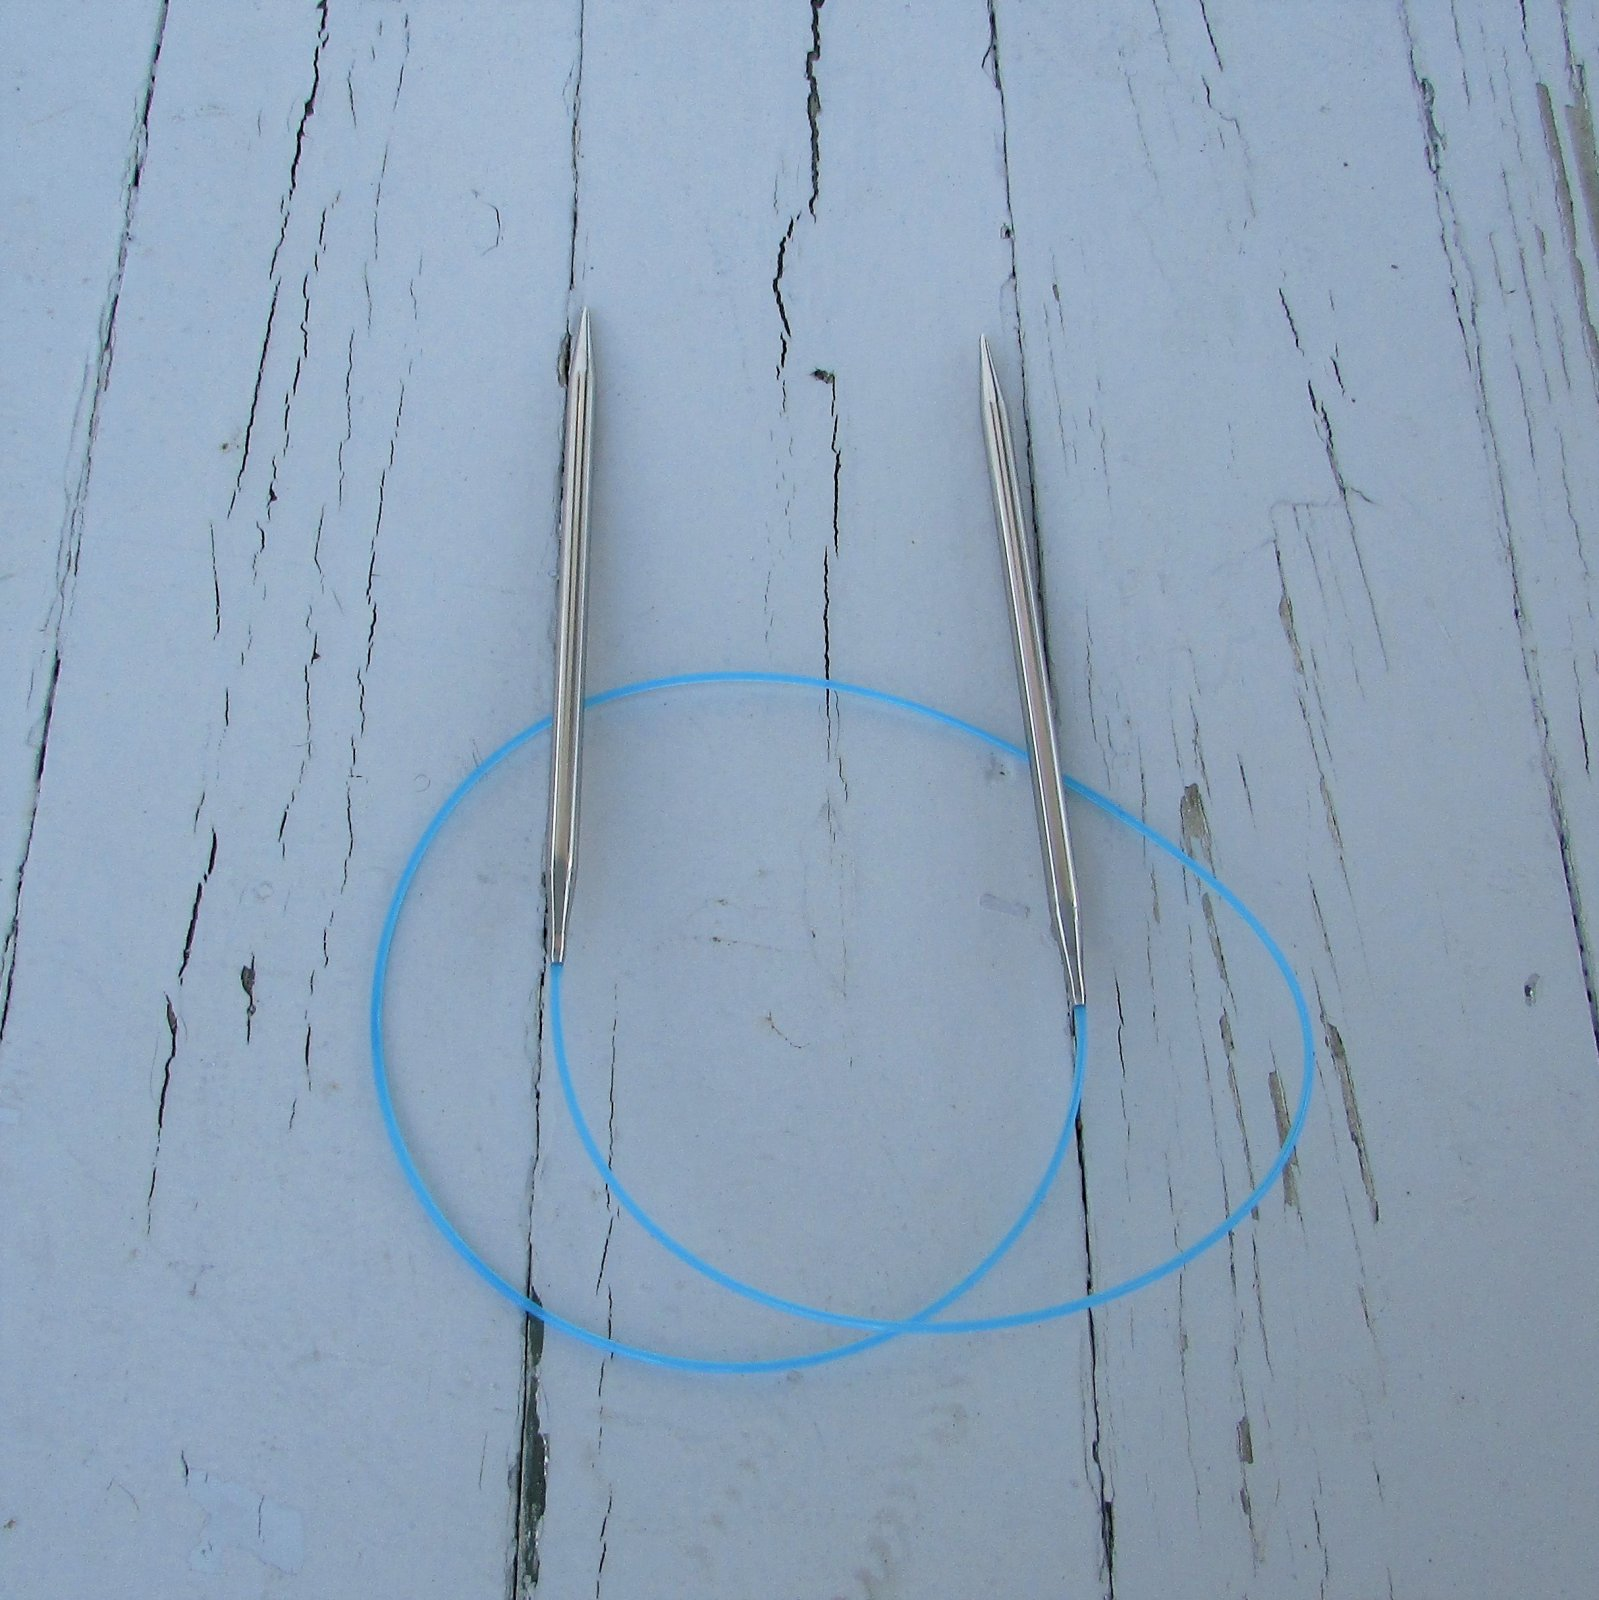 HiyaHiya Sharp Stainless Steel 32 Circular Needle